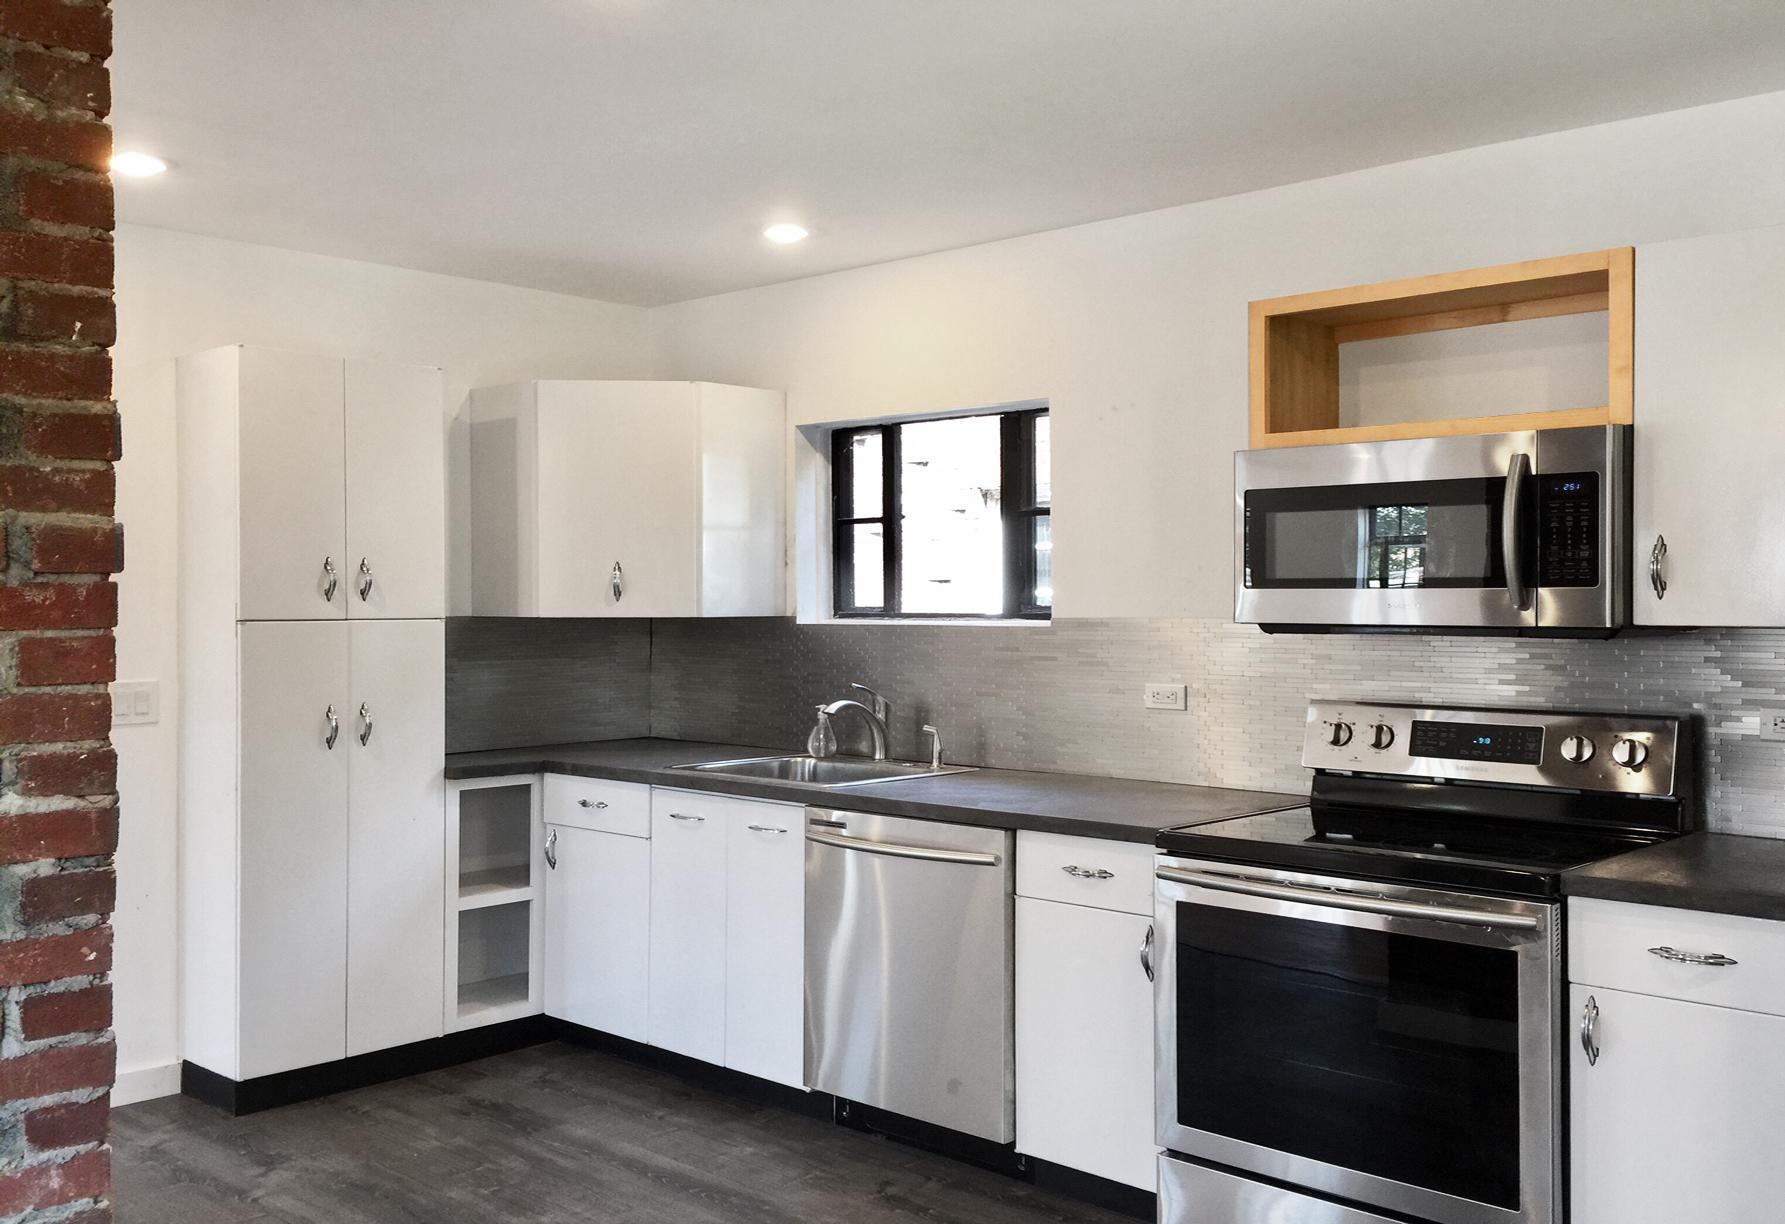 residence kitchen cuisine